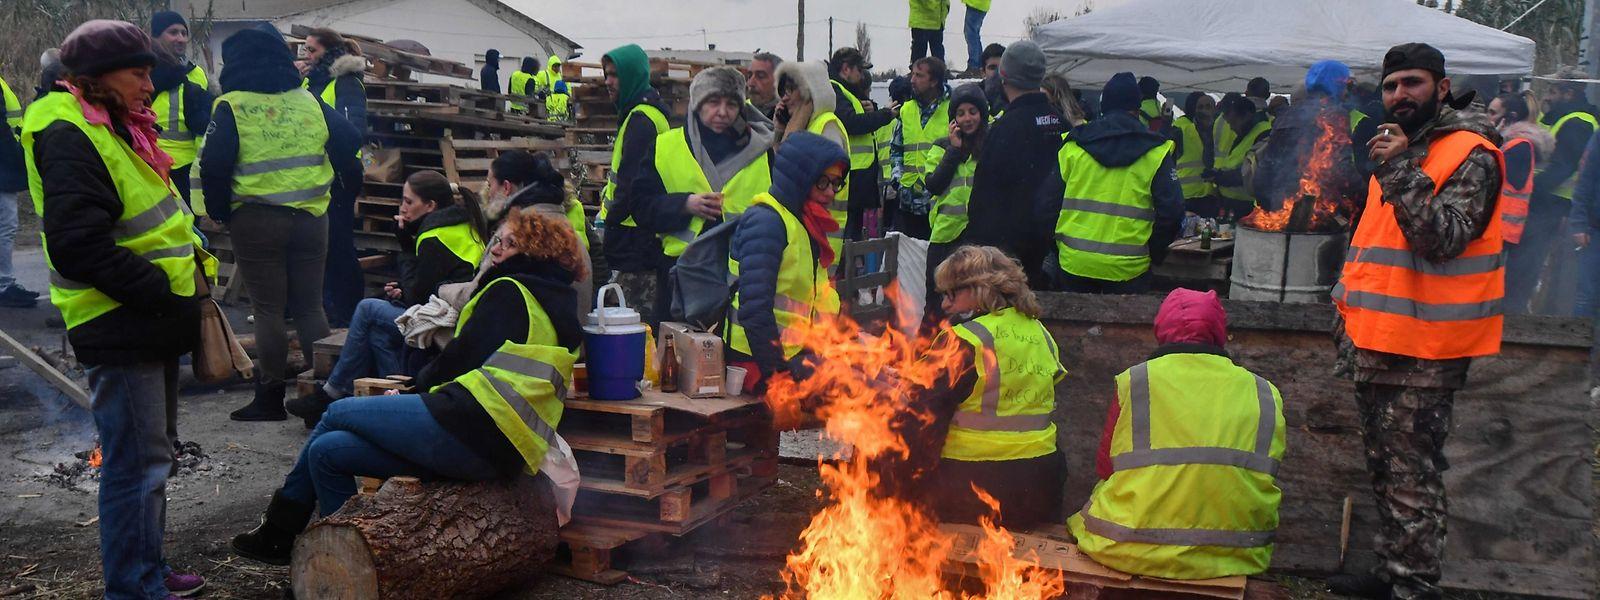 Demonstranten in Frontignon, in Südfrankreich. Die Protestbewegung lässt nicht nach.